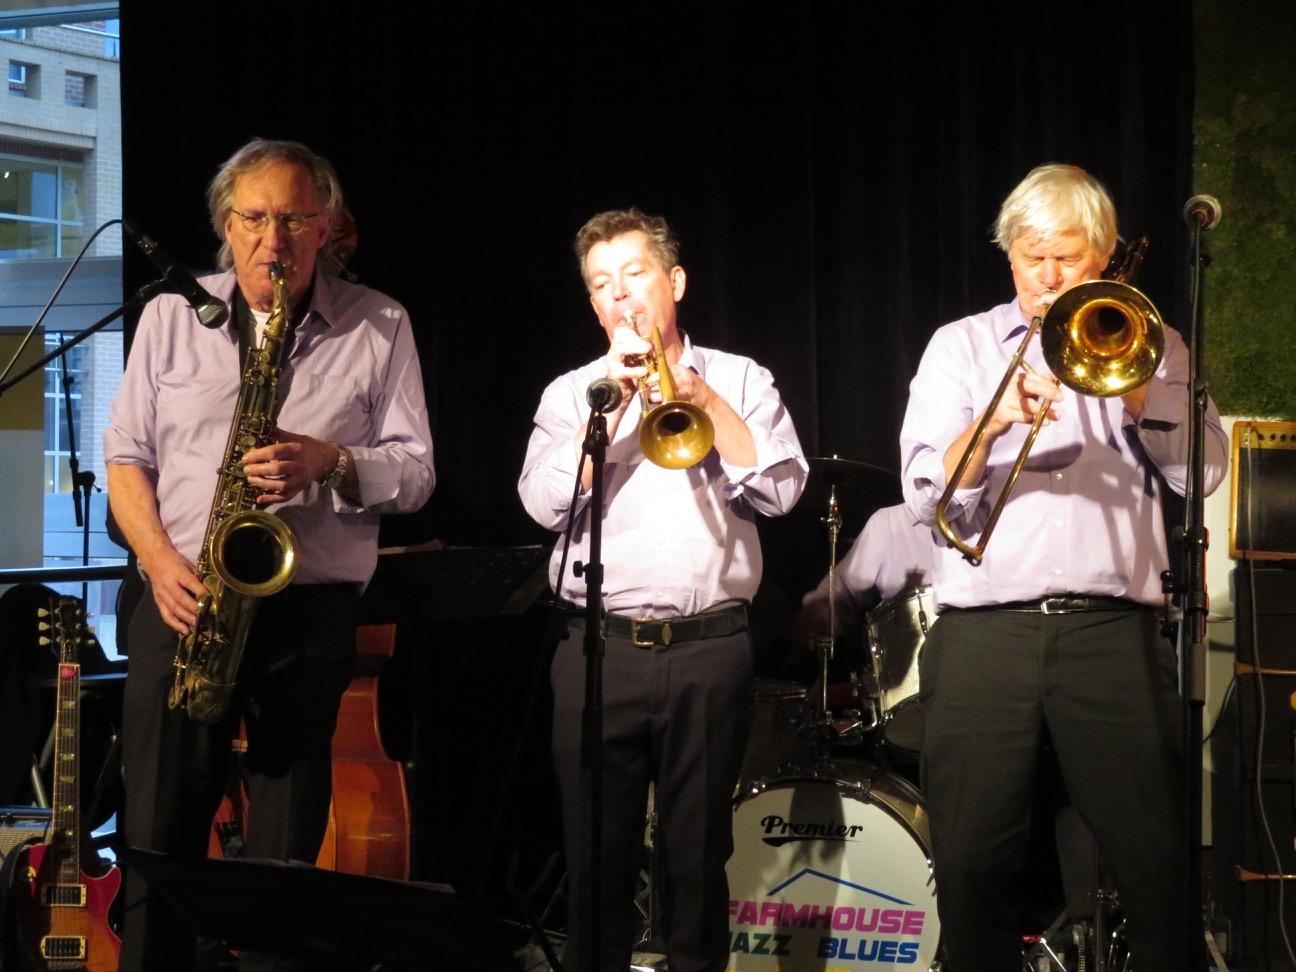 Farmhouse Jazz & Blues Band 14resized